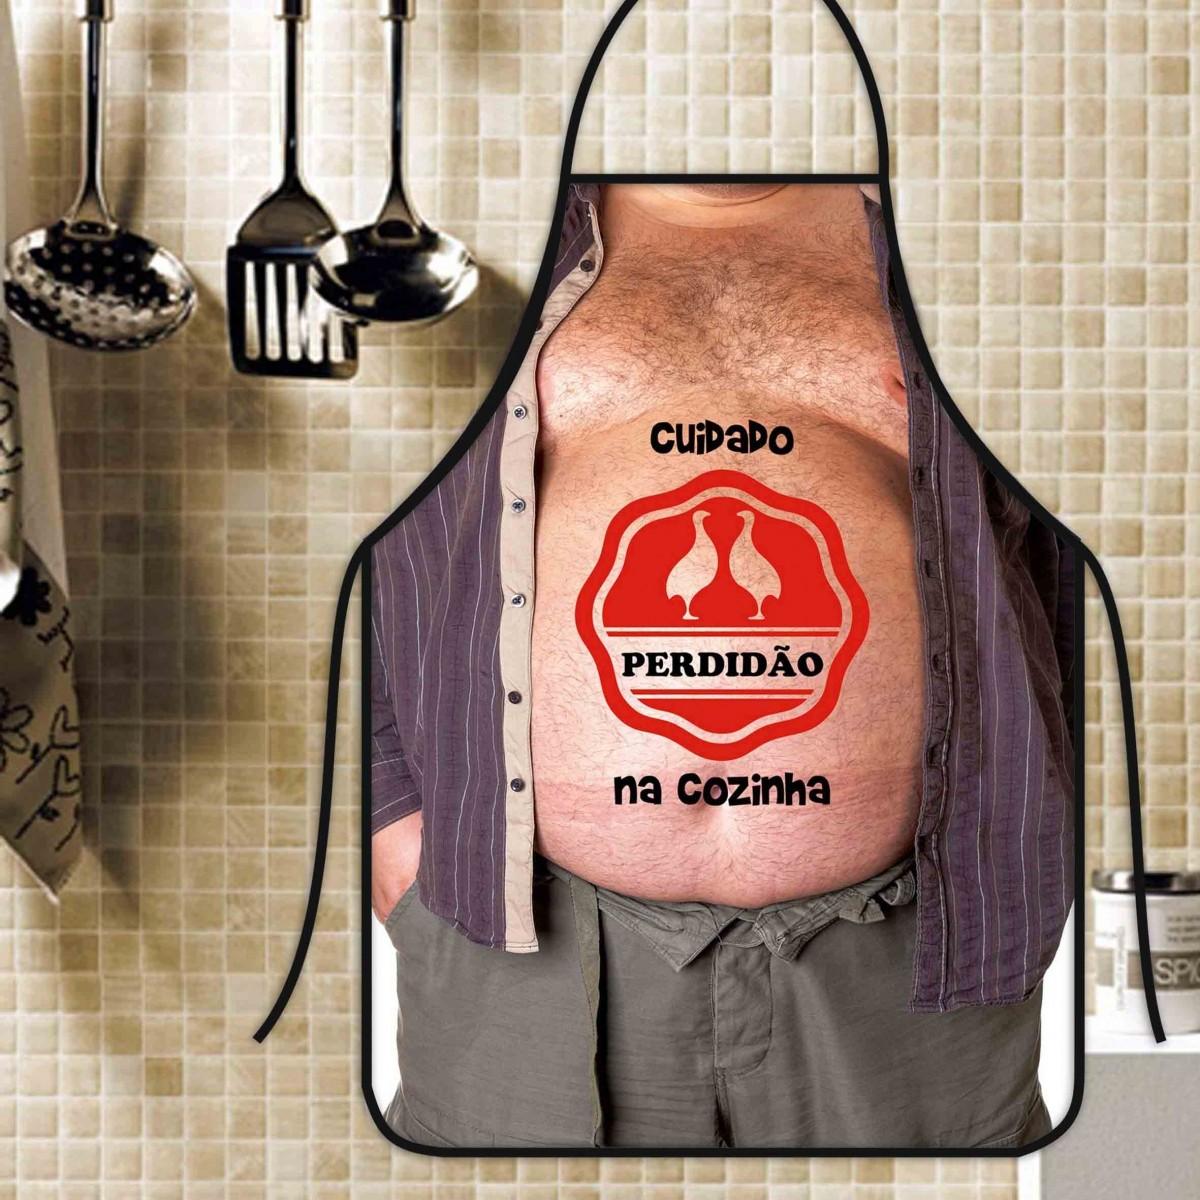 Avental Divertido E Personalizado: Perdidão Na Cozinha  - RECANTO DA COSTURA